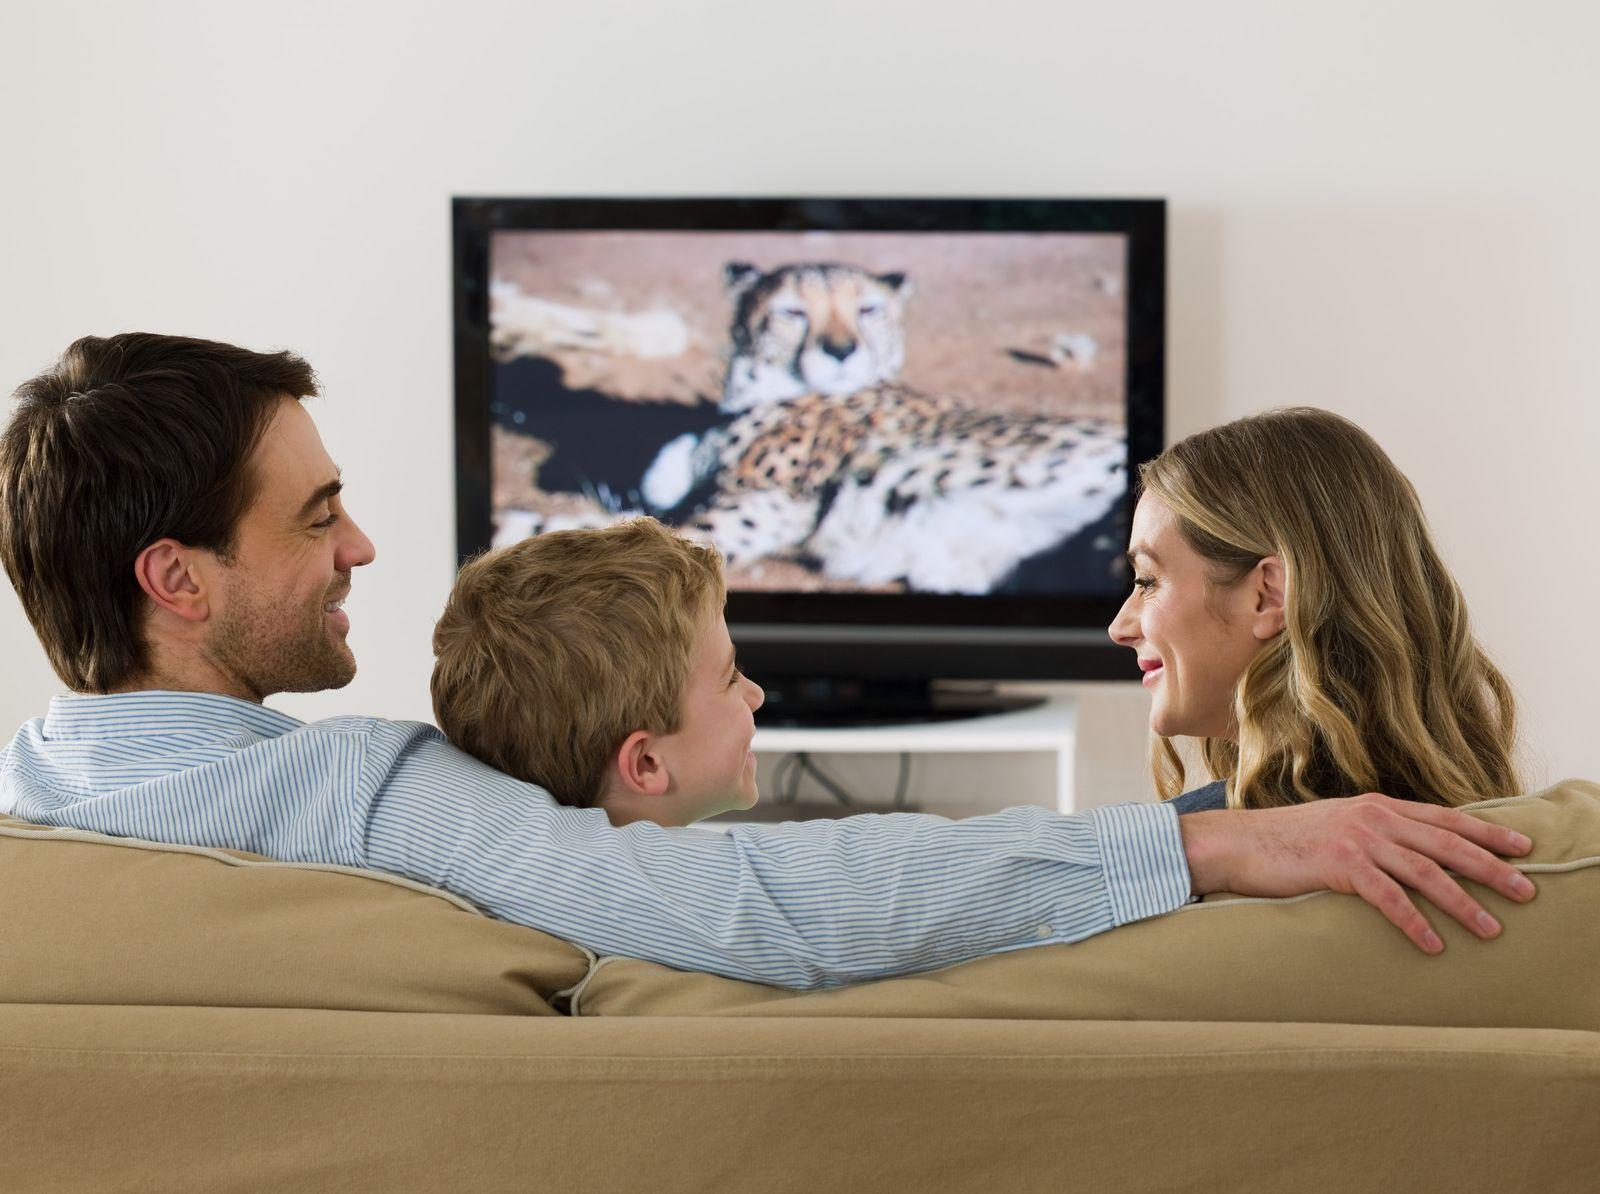 NICHT MEHR VERWENDEN! - Fernsehen/ Familie